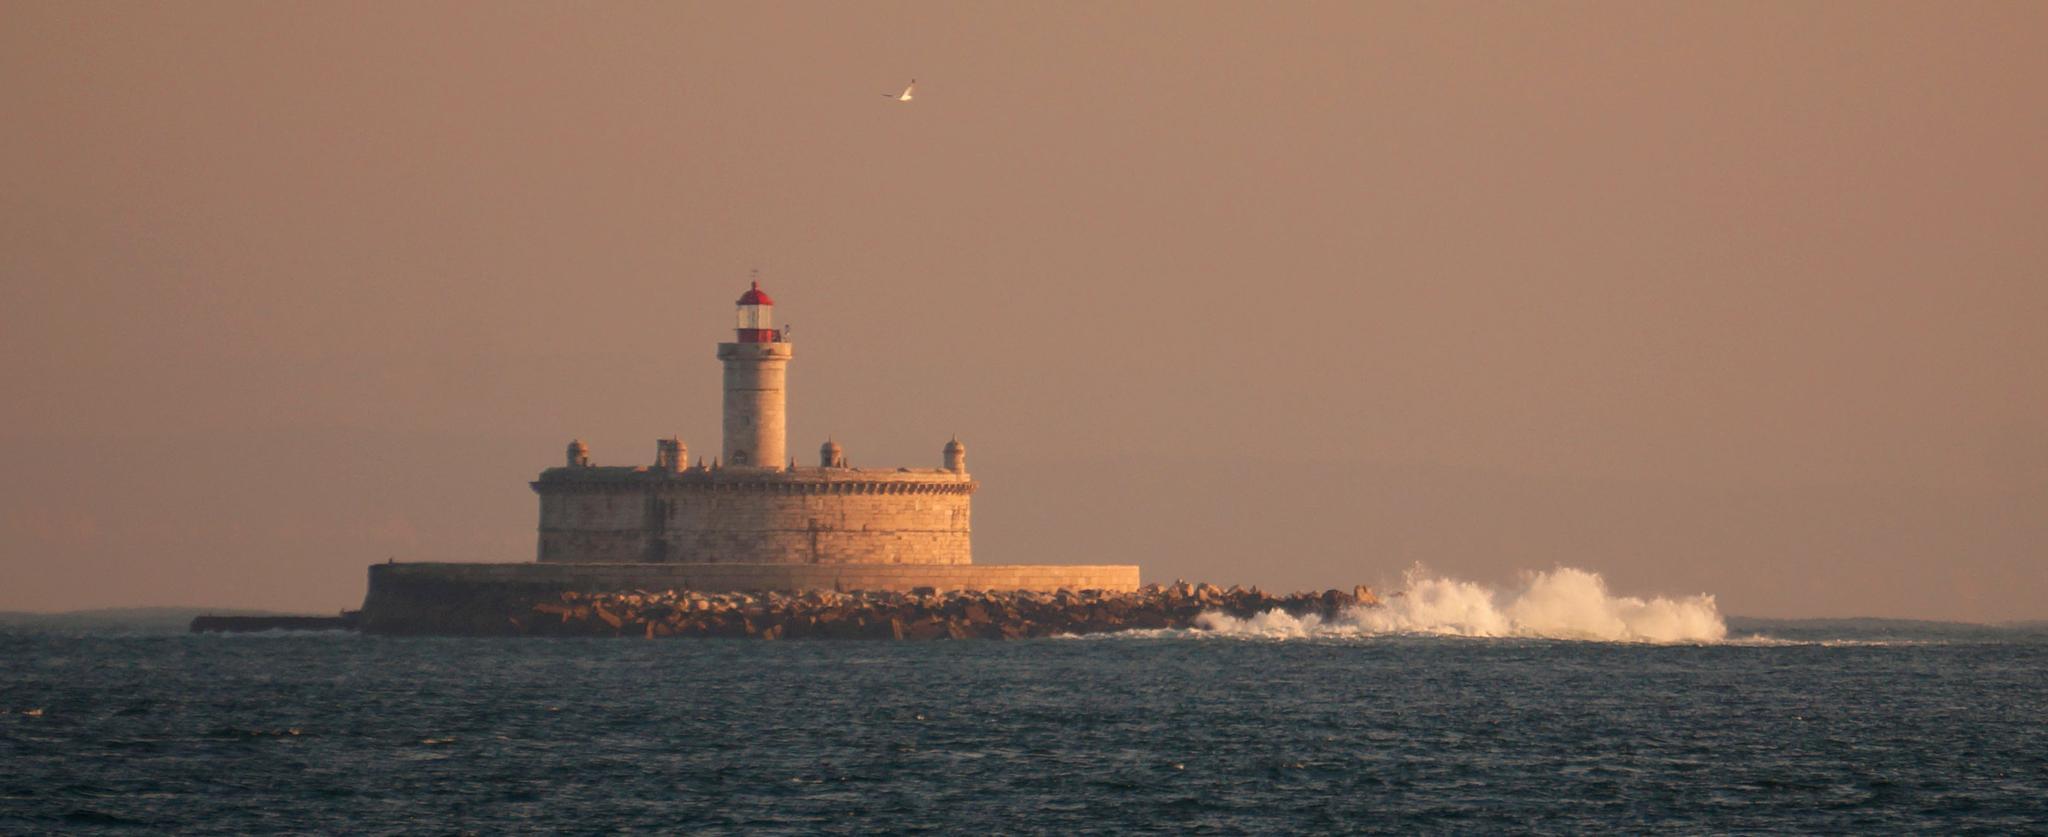 Bugio Lighthouse by Fernando B